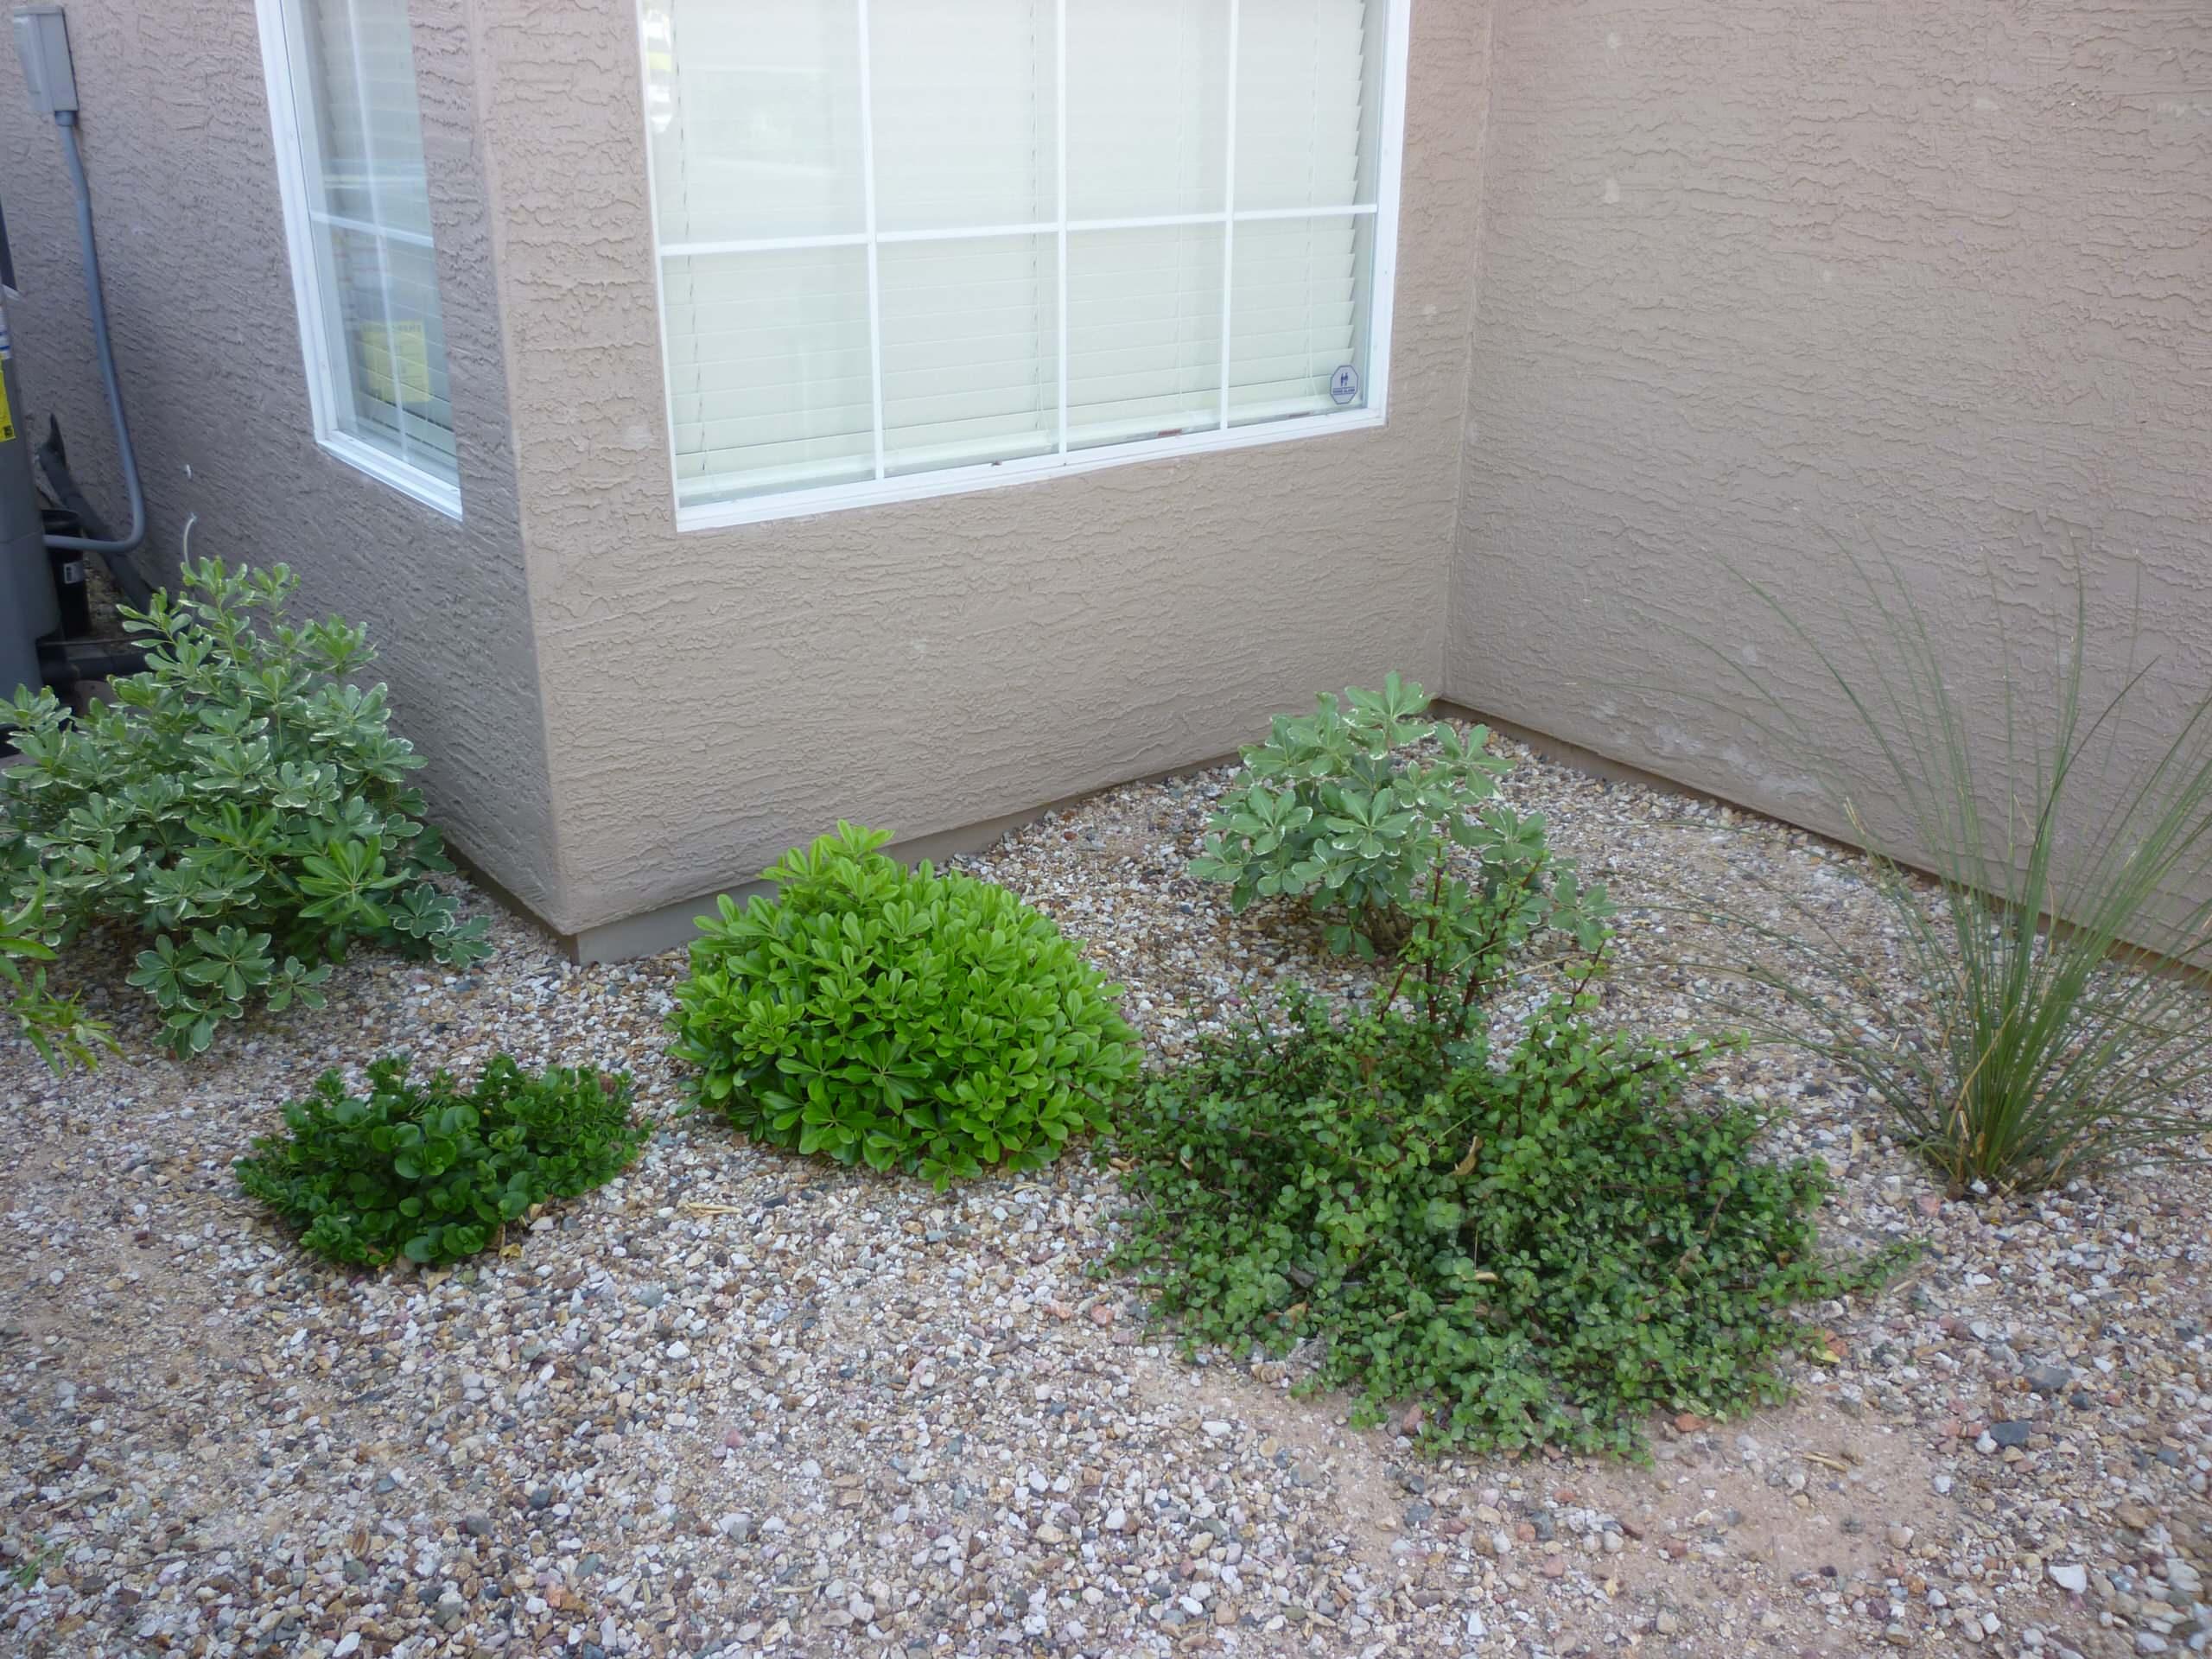 Plantings - 1.5 Years